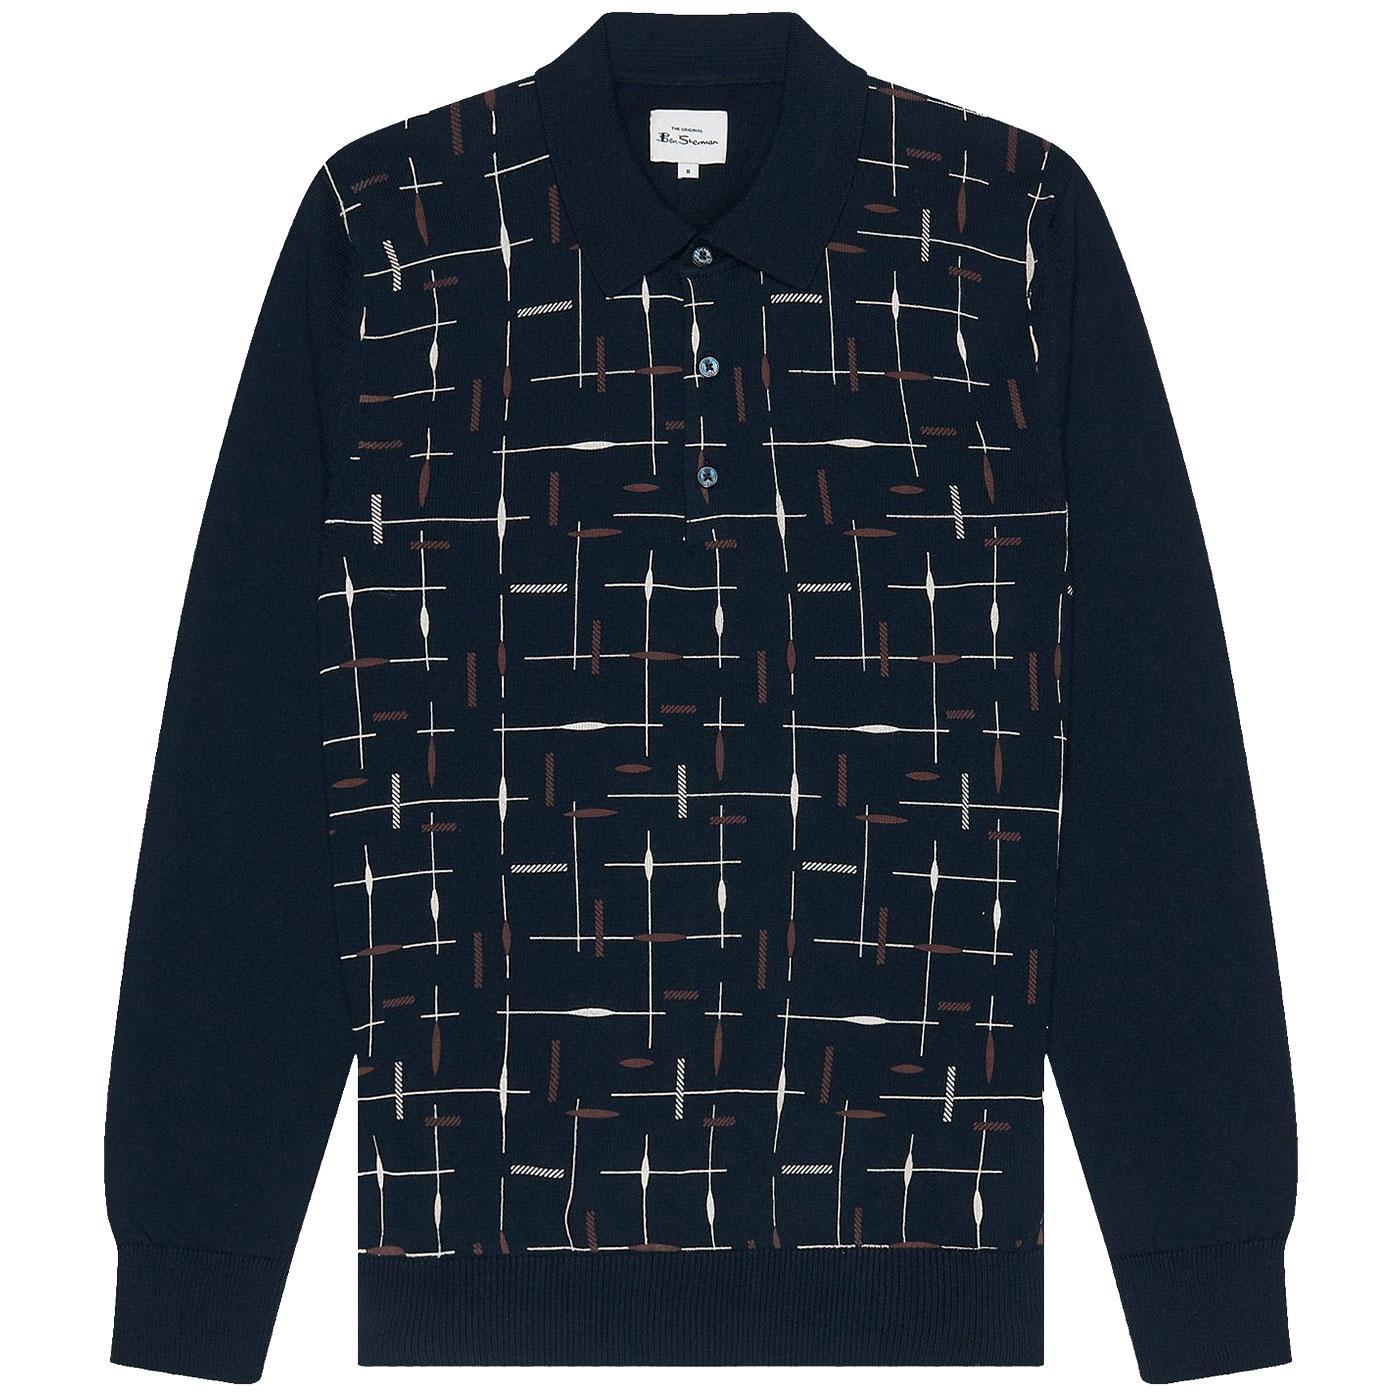 BEN SHERMAN Pattern Print Knitted Mod Polo Shirt